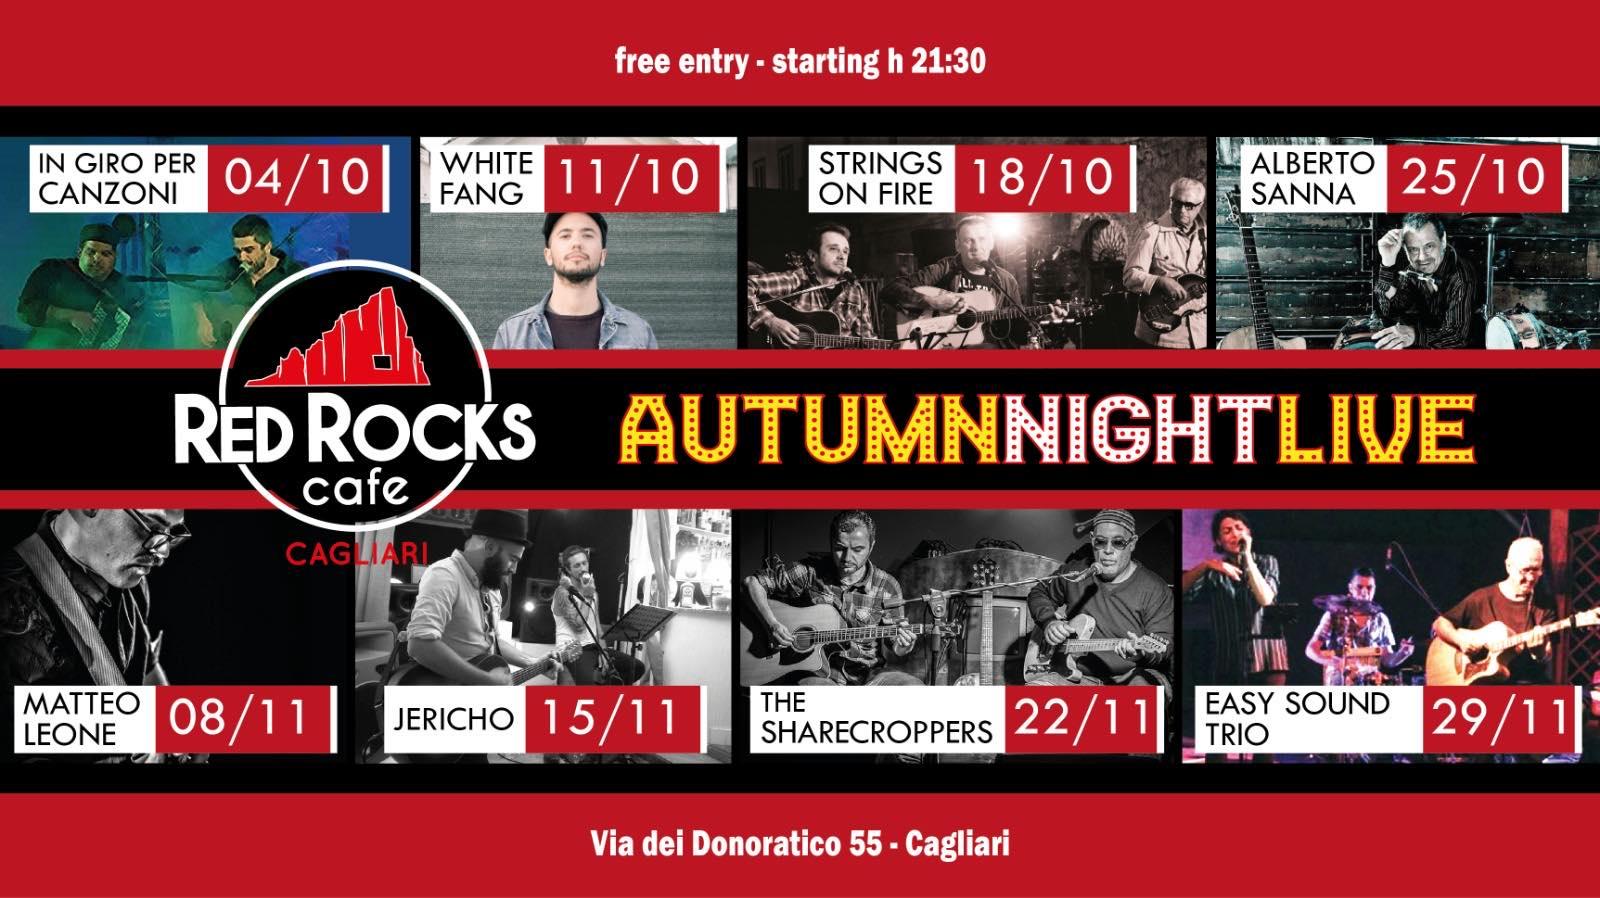 Autumn Friday Night Live - Matteo Leone - Red Rocks Café - Cagliari - 8 novembre 2019 - eventi - 2019 - Sa Scena Sarda